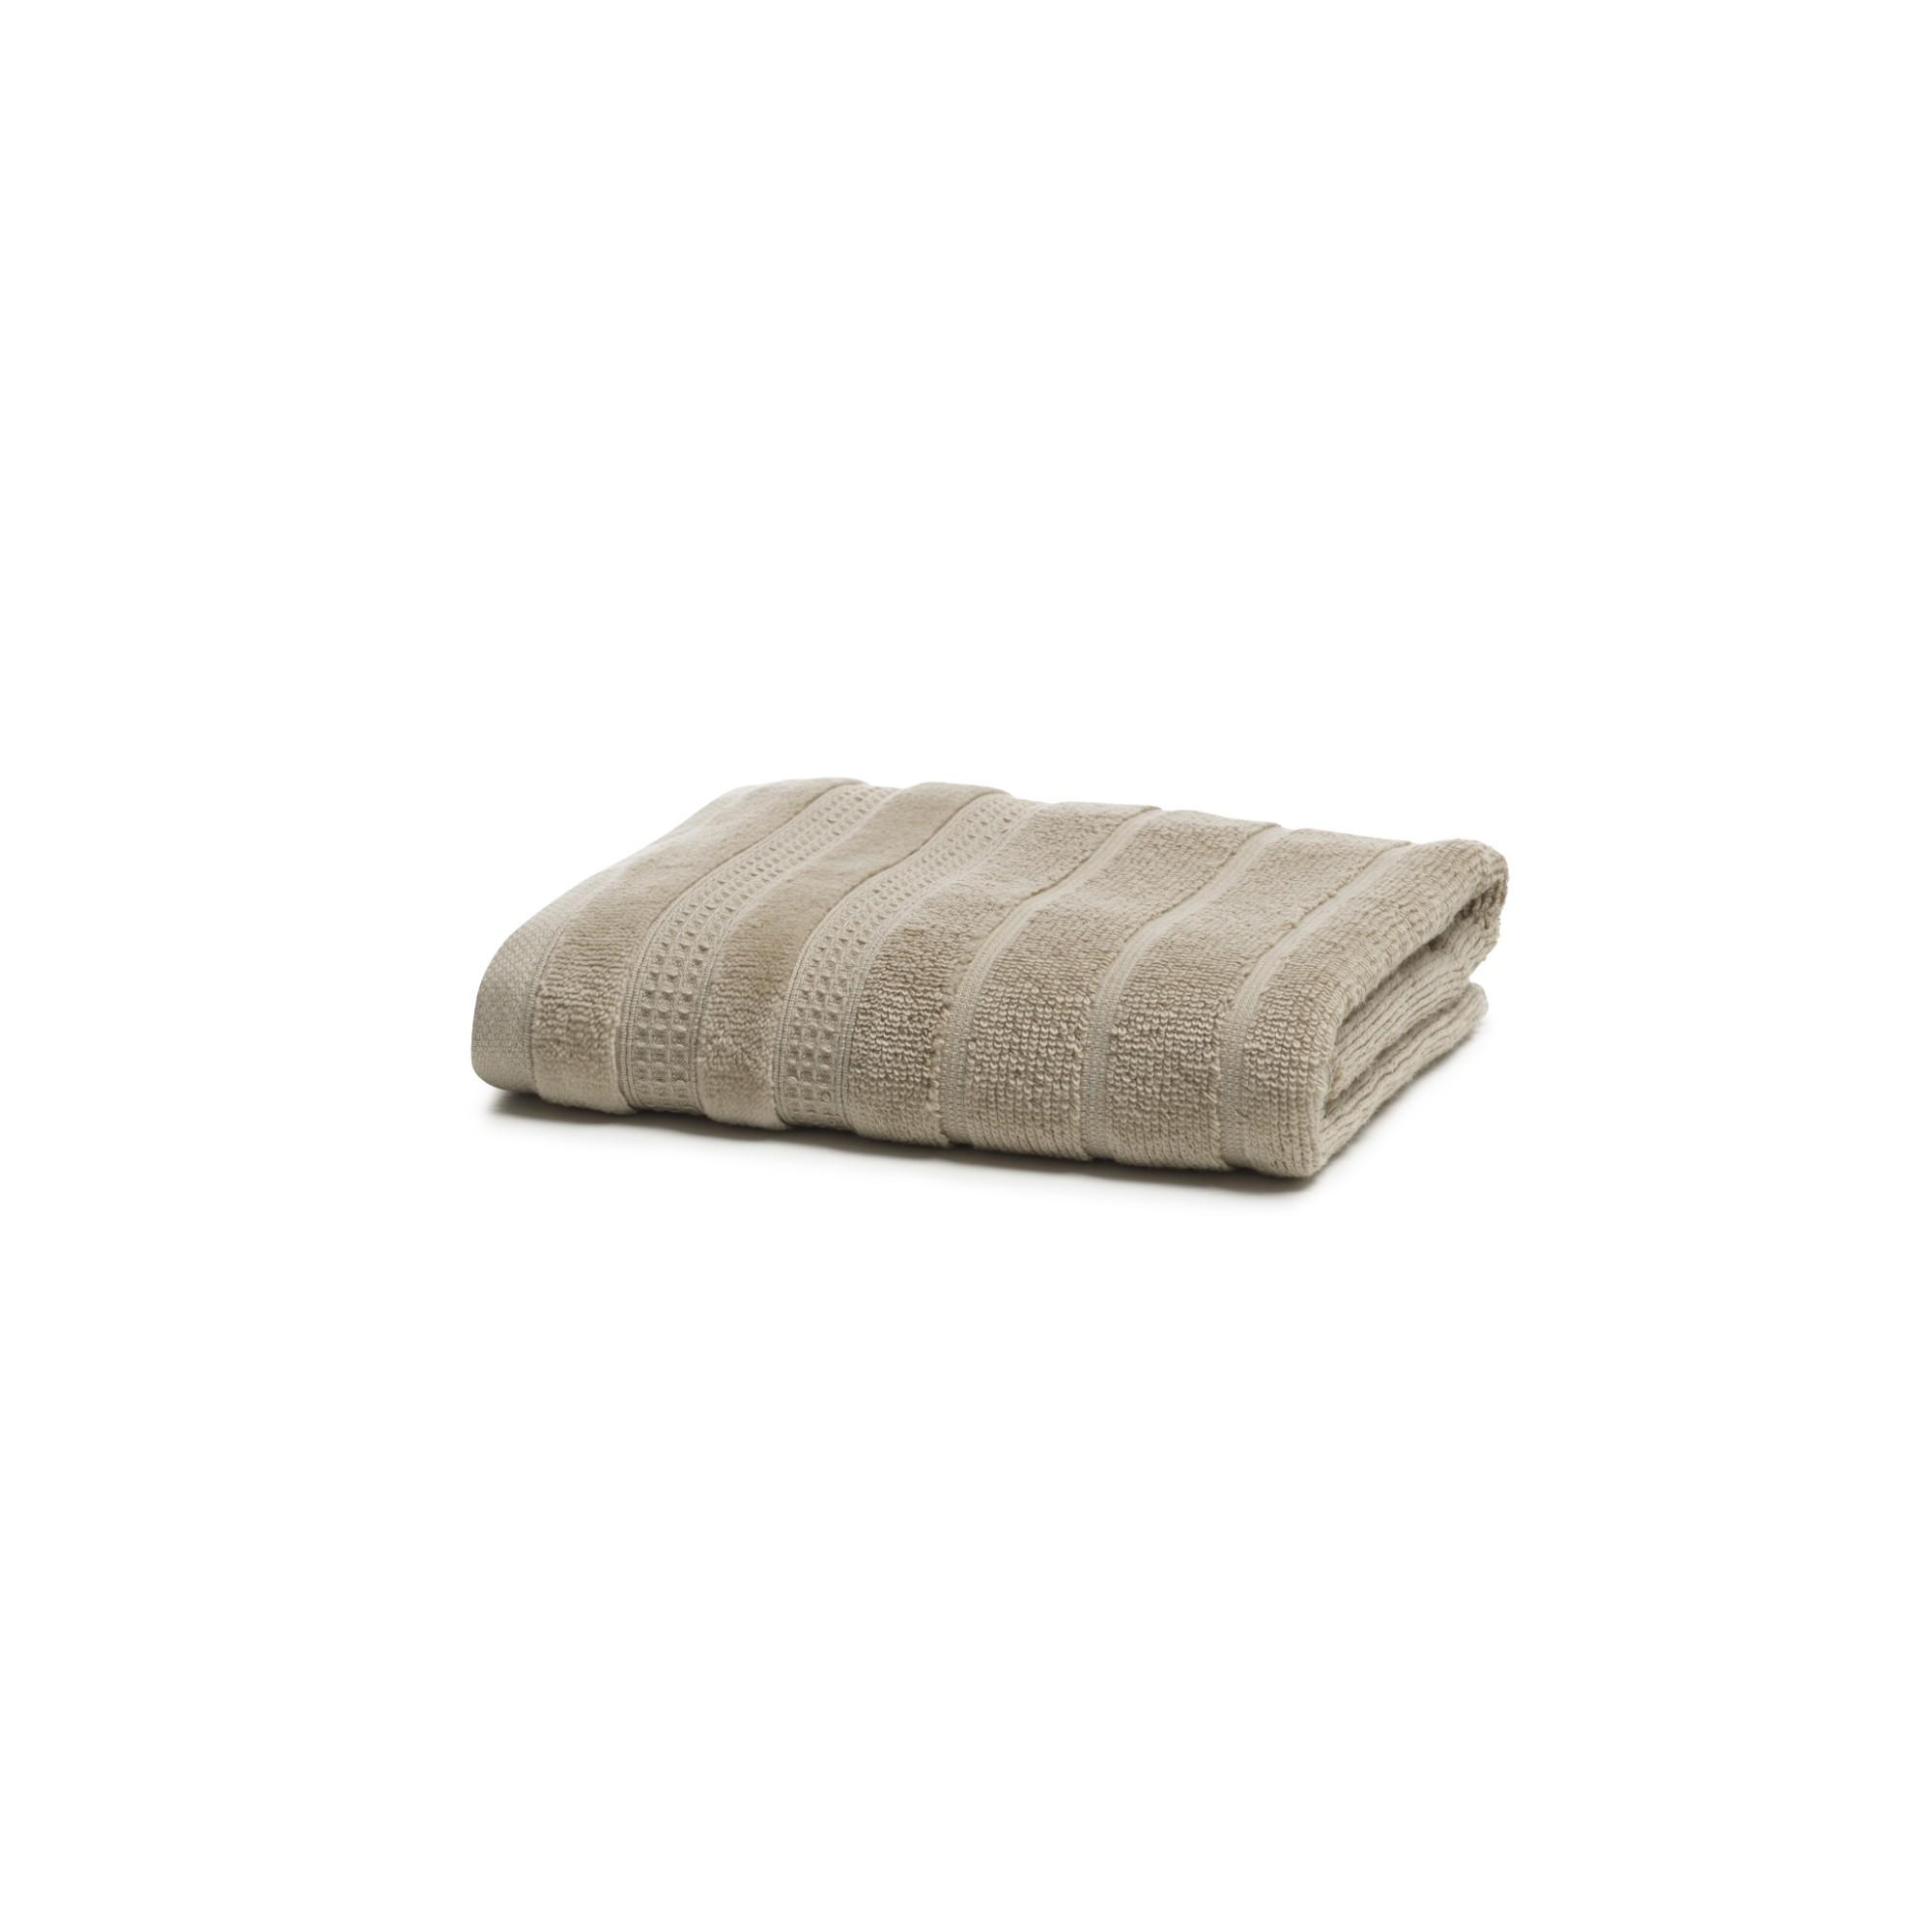 Toalha de Rosto Masp 100 Algodao 48 x 80 Cm Trigo - Artex